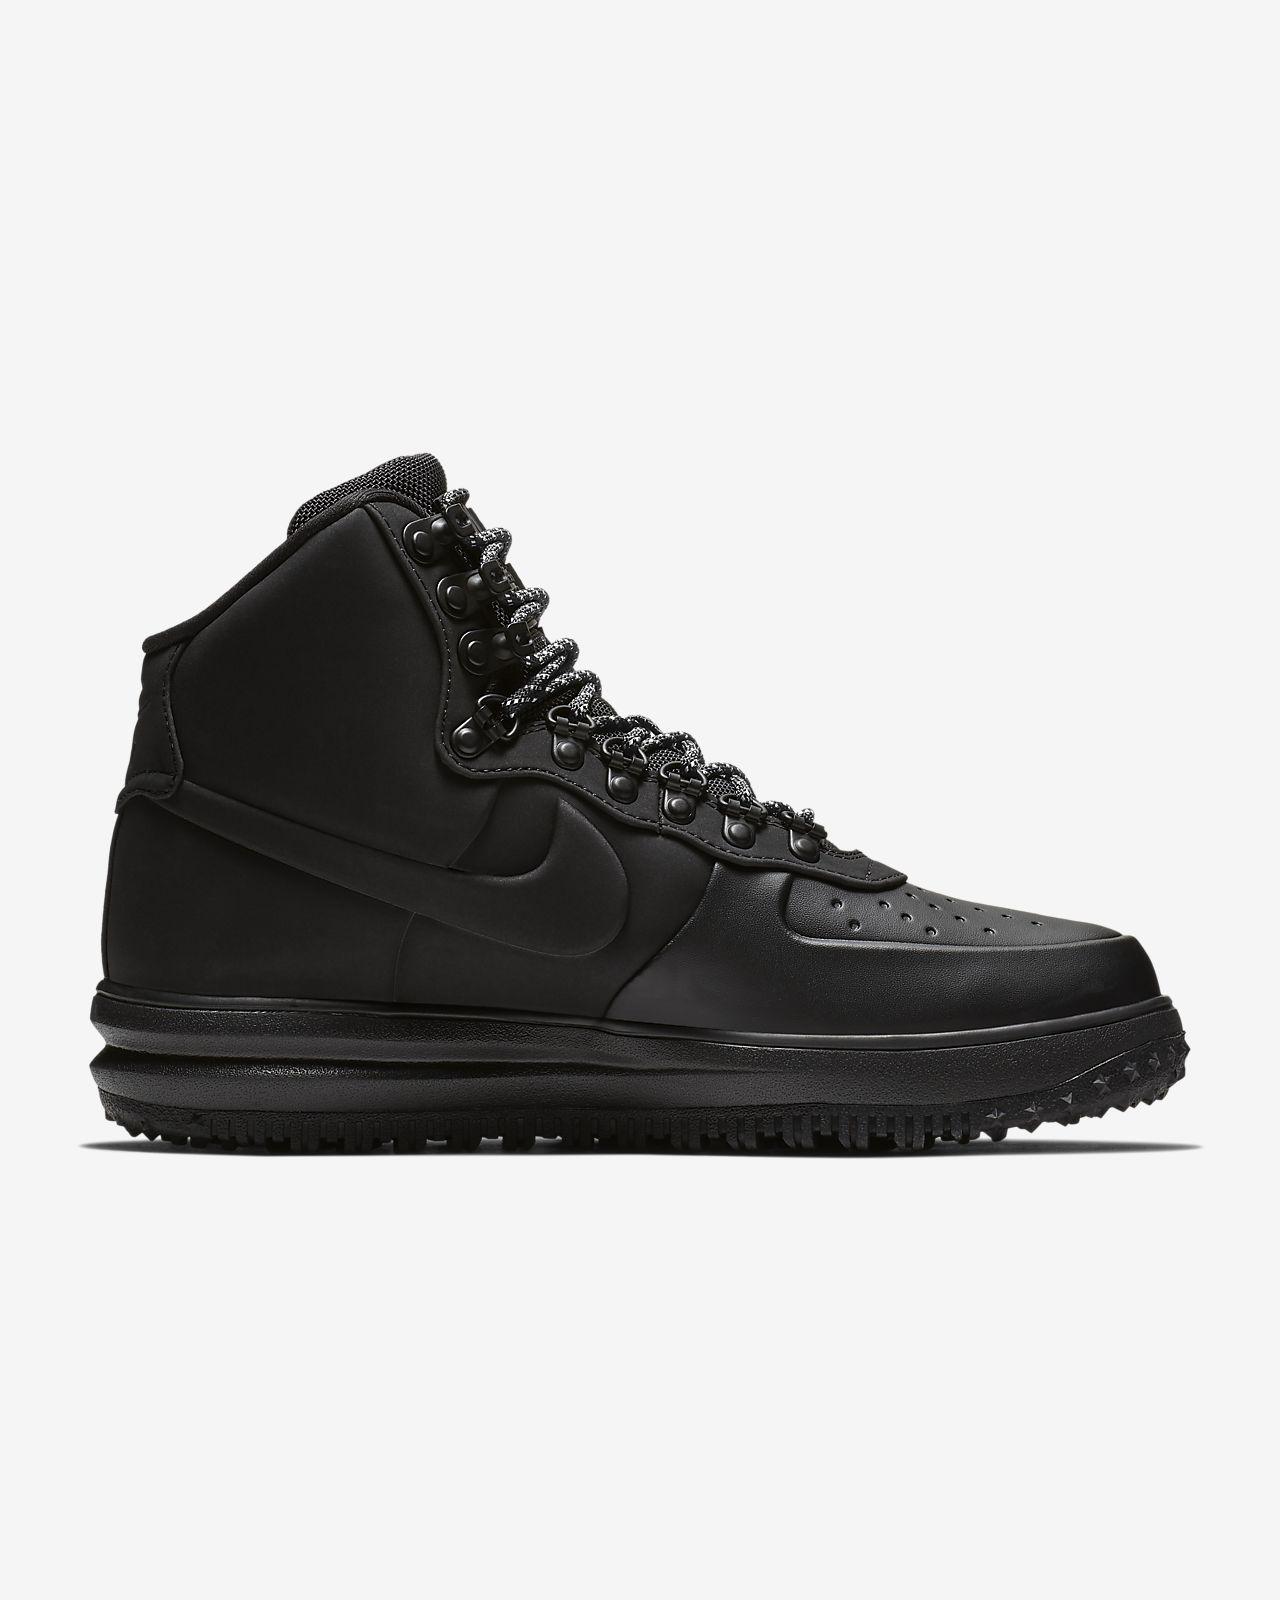 Black Sneakers Nike Lunar Air Force 1 Duckboot Mens Black